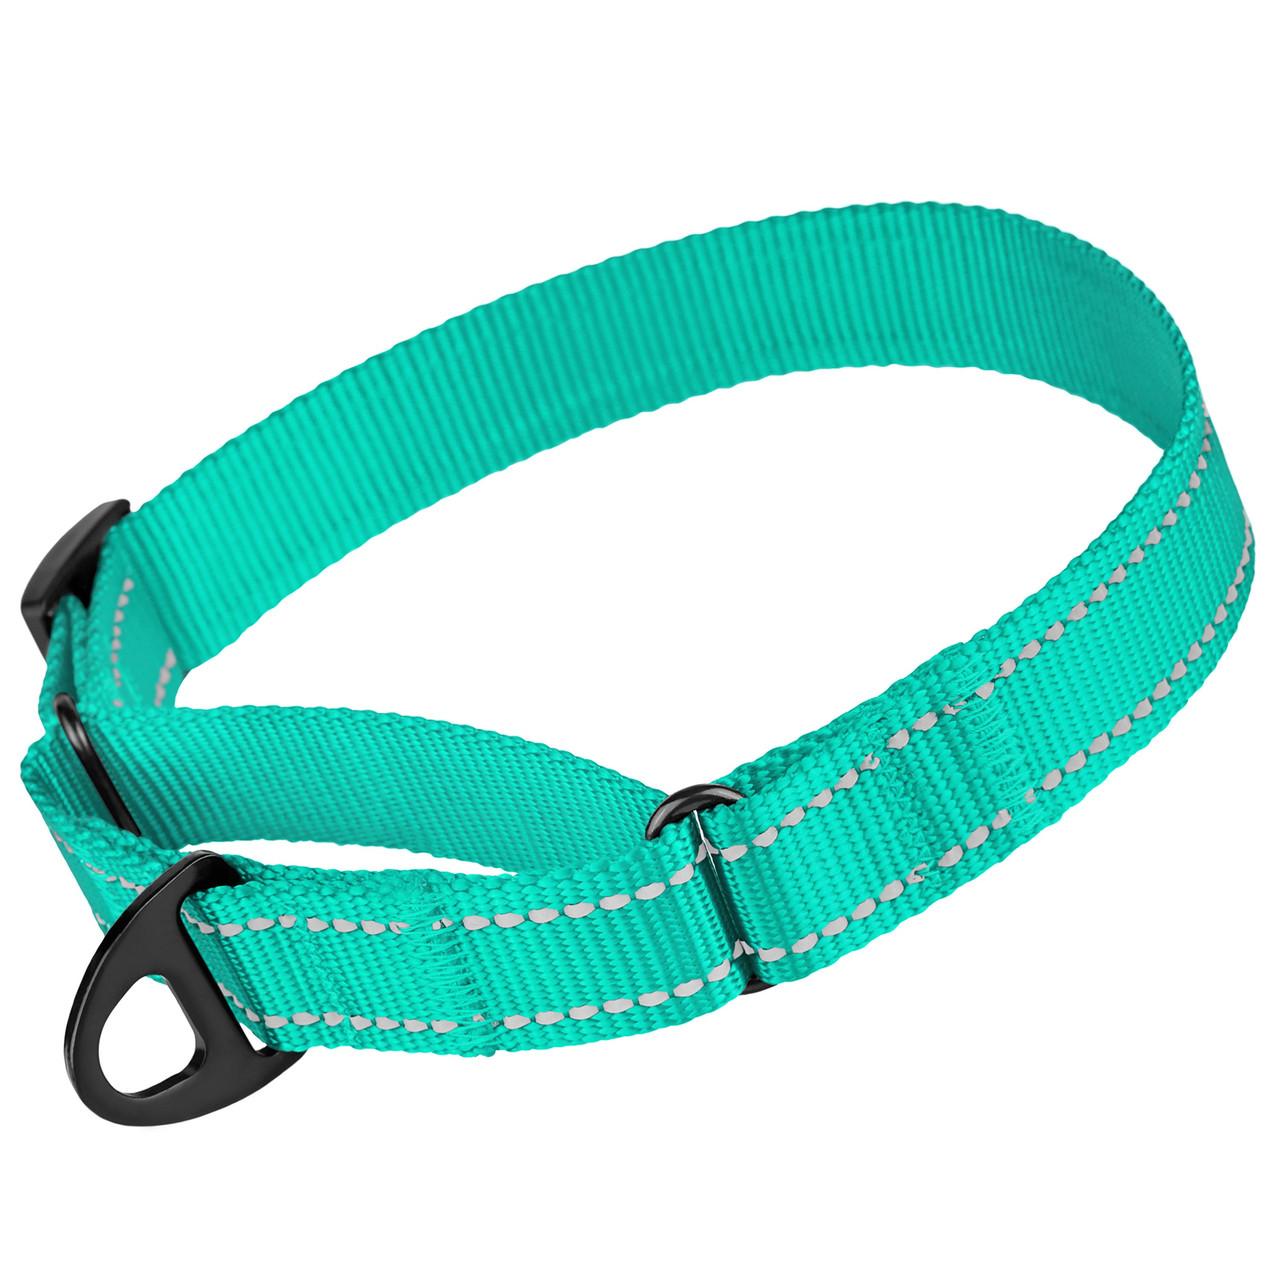 Ошейник для собак Мартингейл Bronzedog Active нейлоновый со светоотражением бирюзовый L